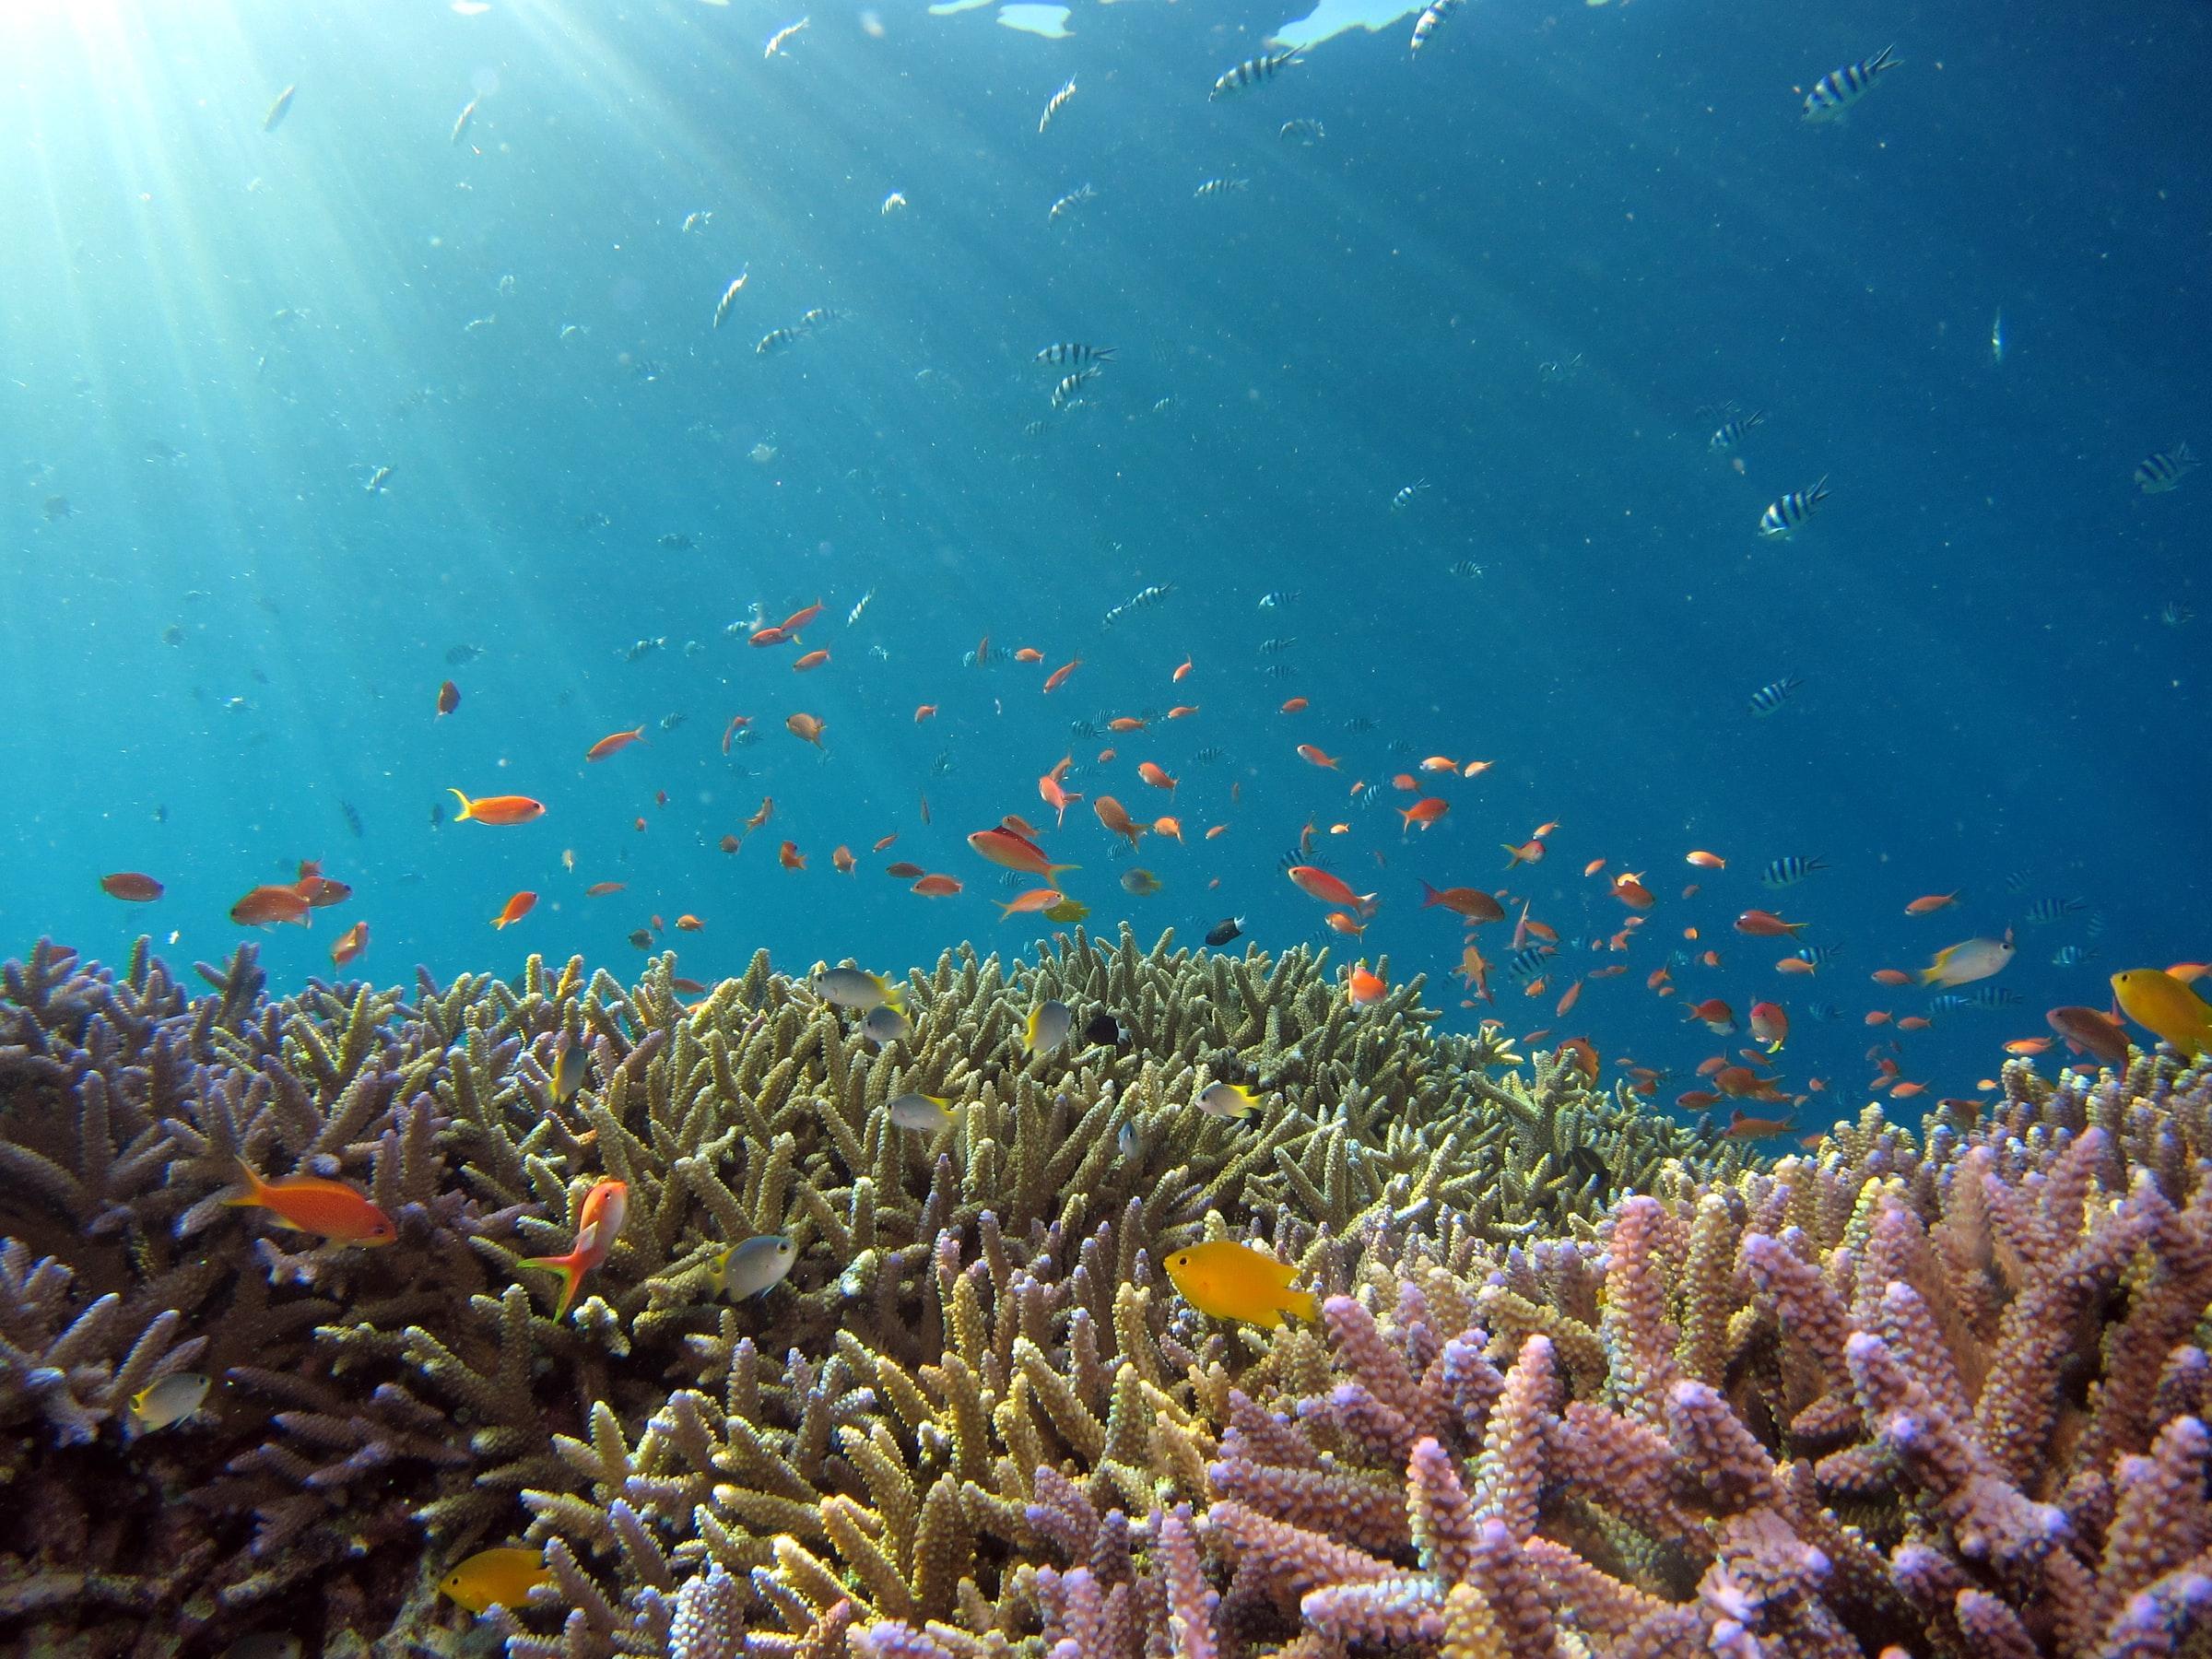 Das Meer vor der Insel Okinawa